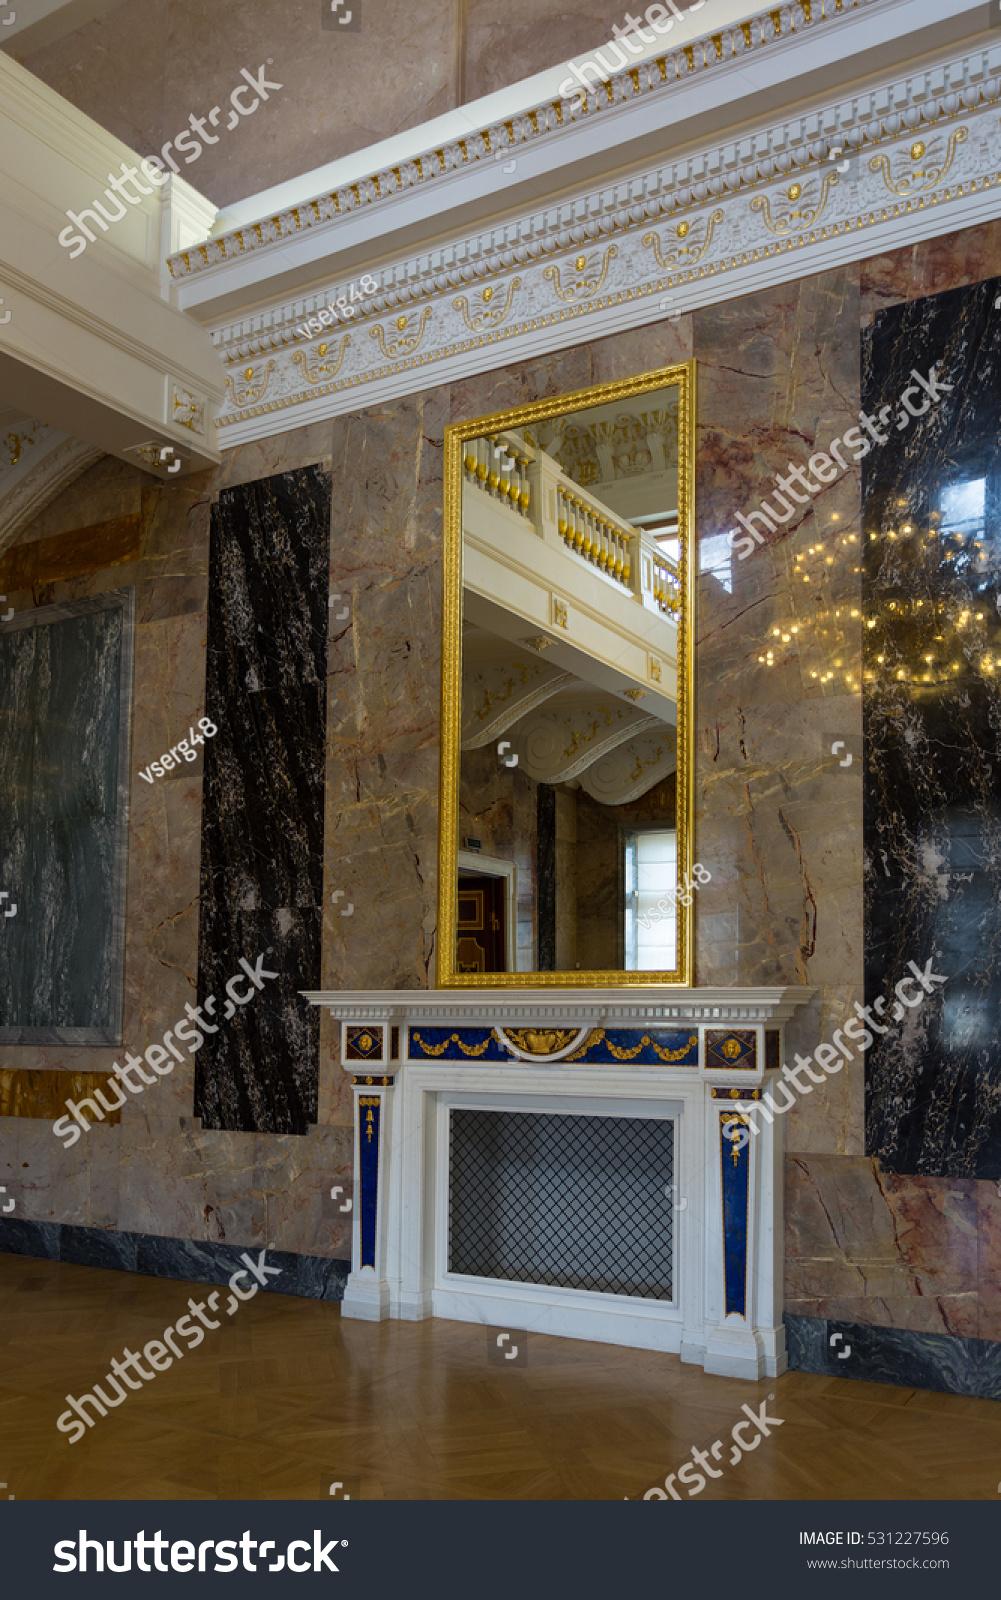 saint petersburg russia october 1 2016 interior marble gallery george